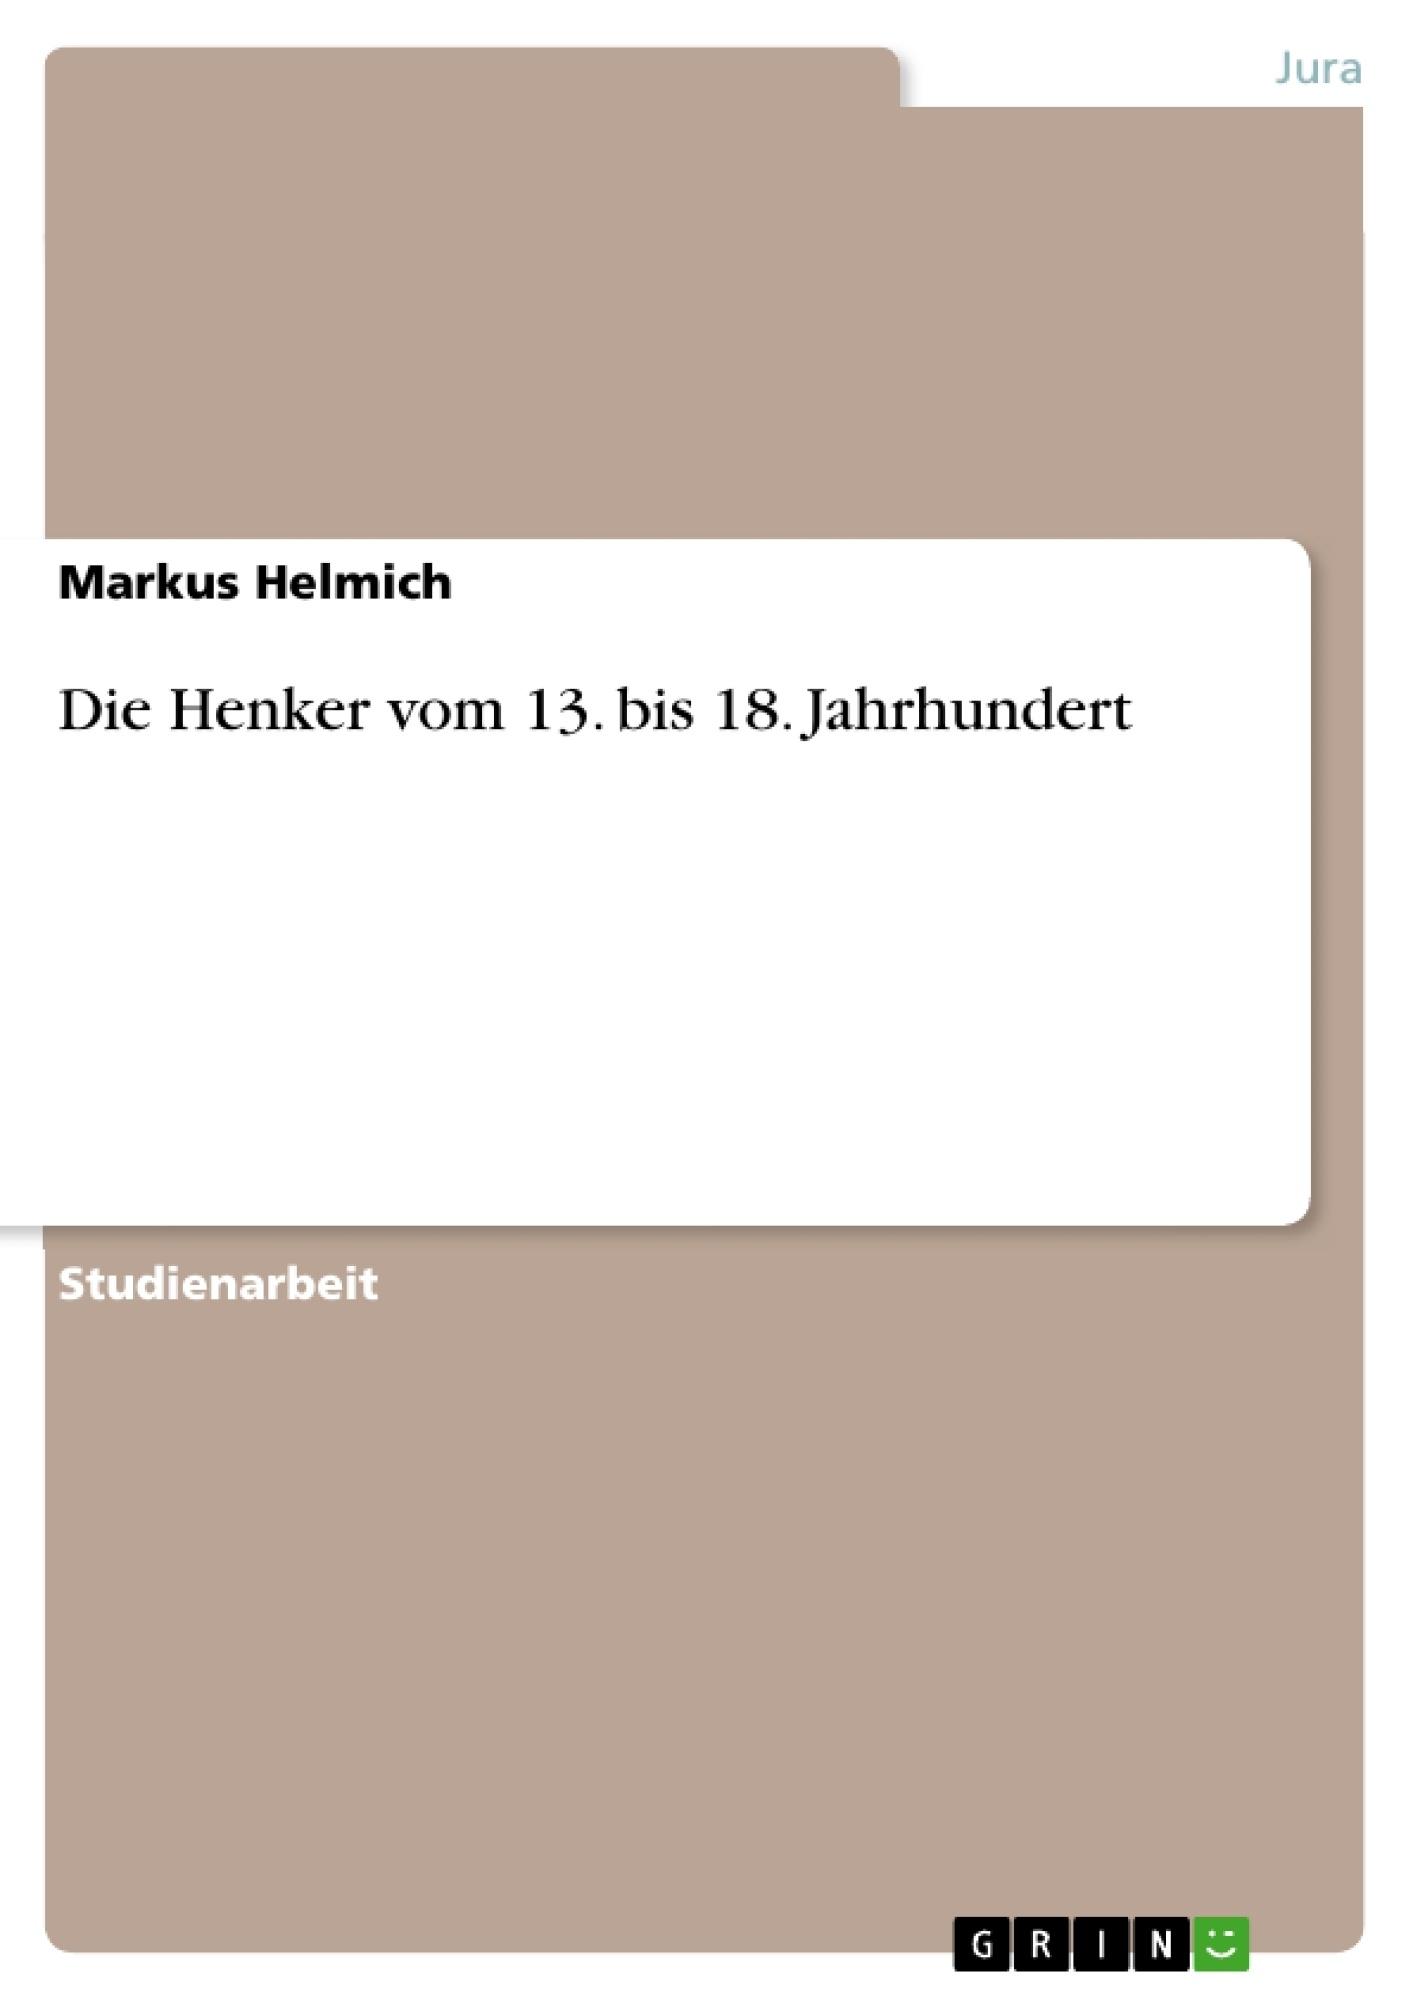 Titel: Die Henker vom 13. bis 18. Jahrhundert